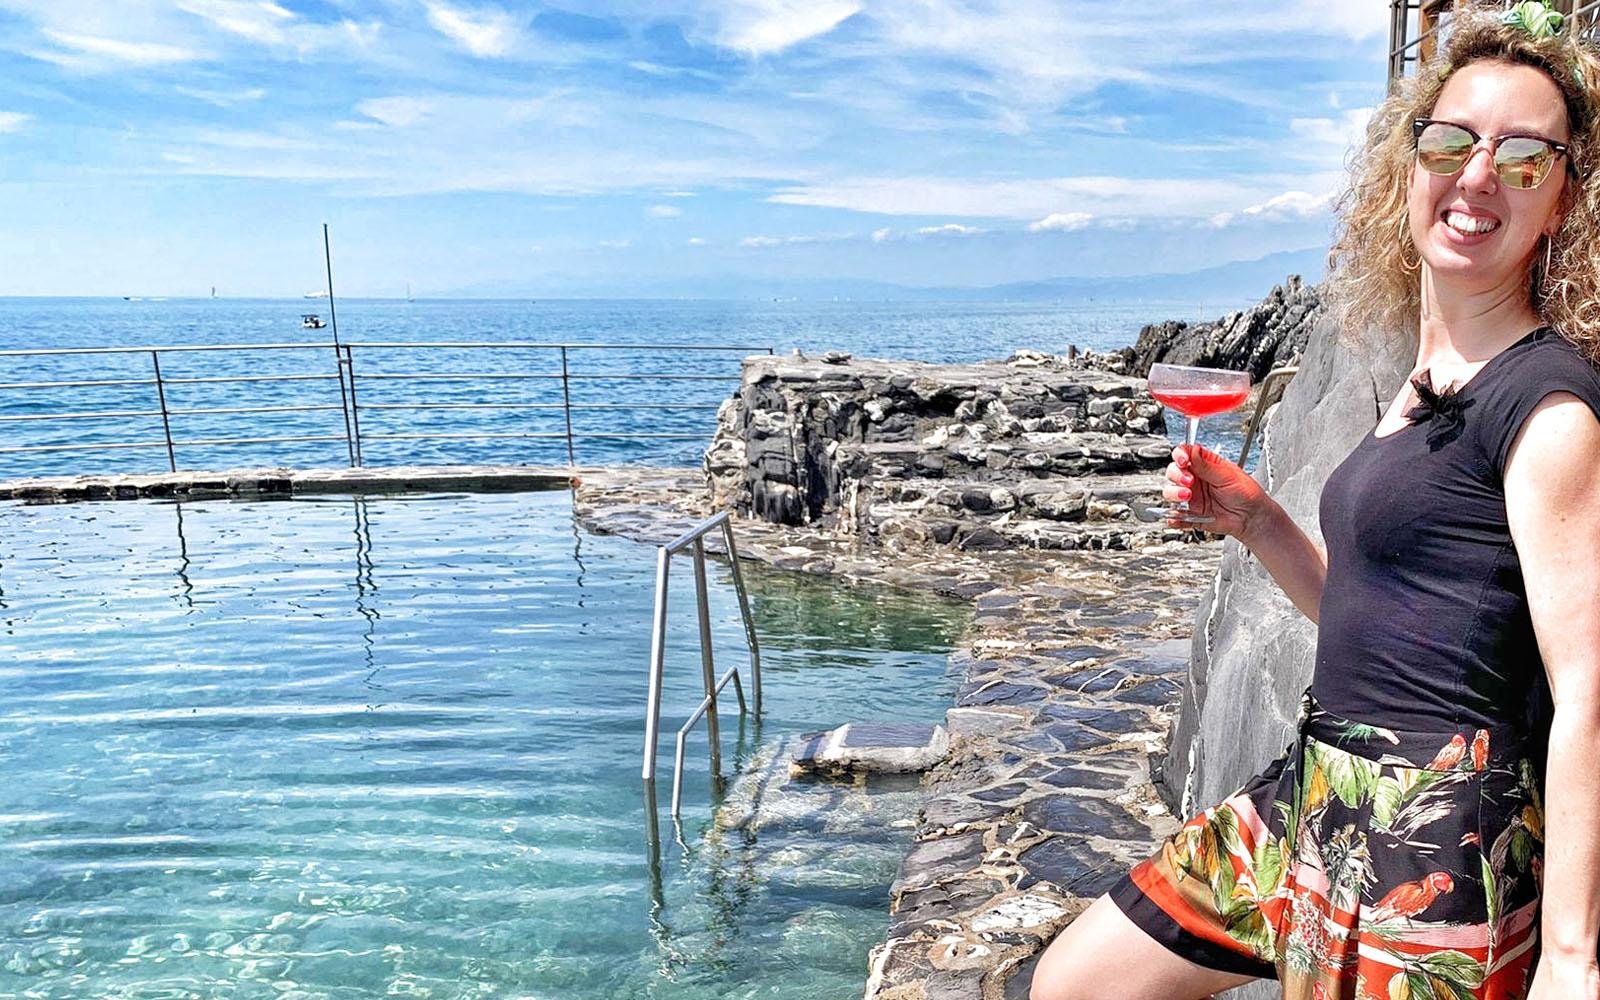 La piscina d'acqua naturale dei Bagni Medusa, a Genova Nervi. © oltreilbalcone